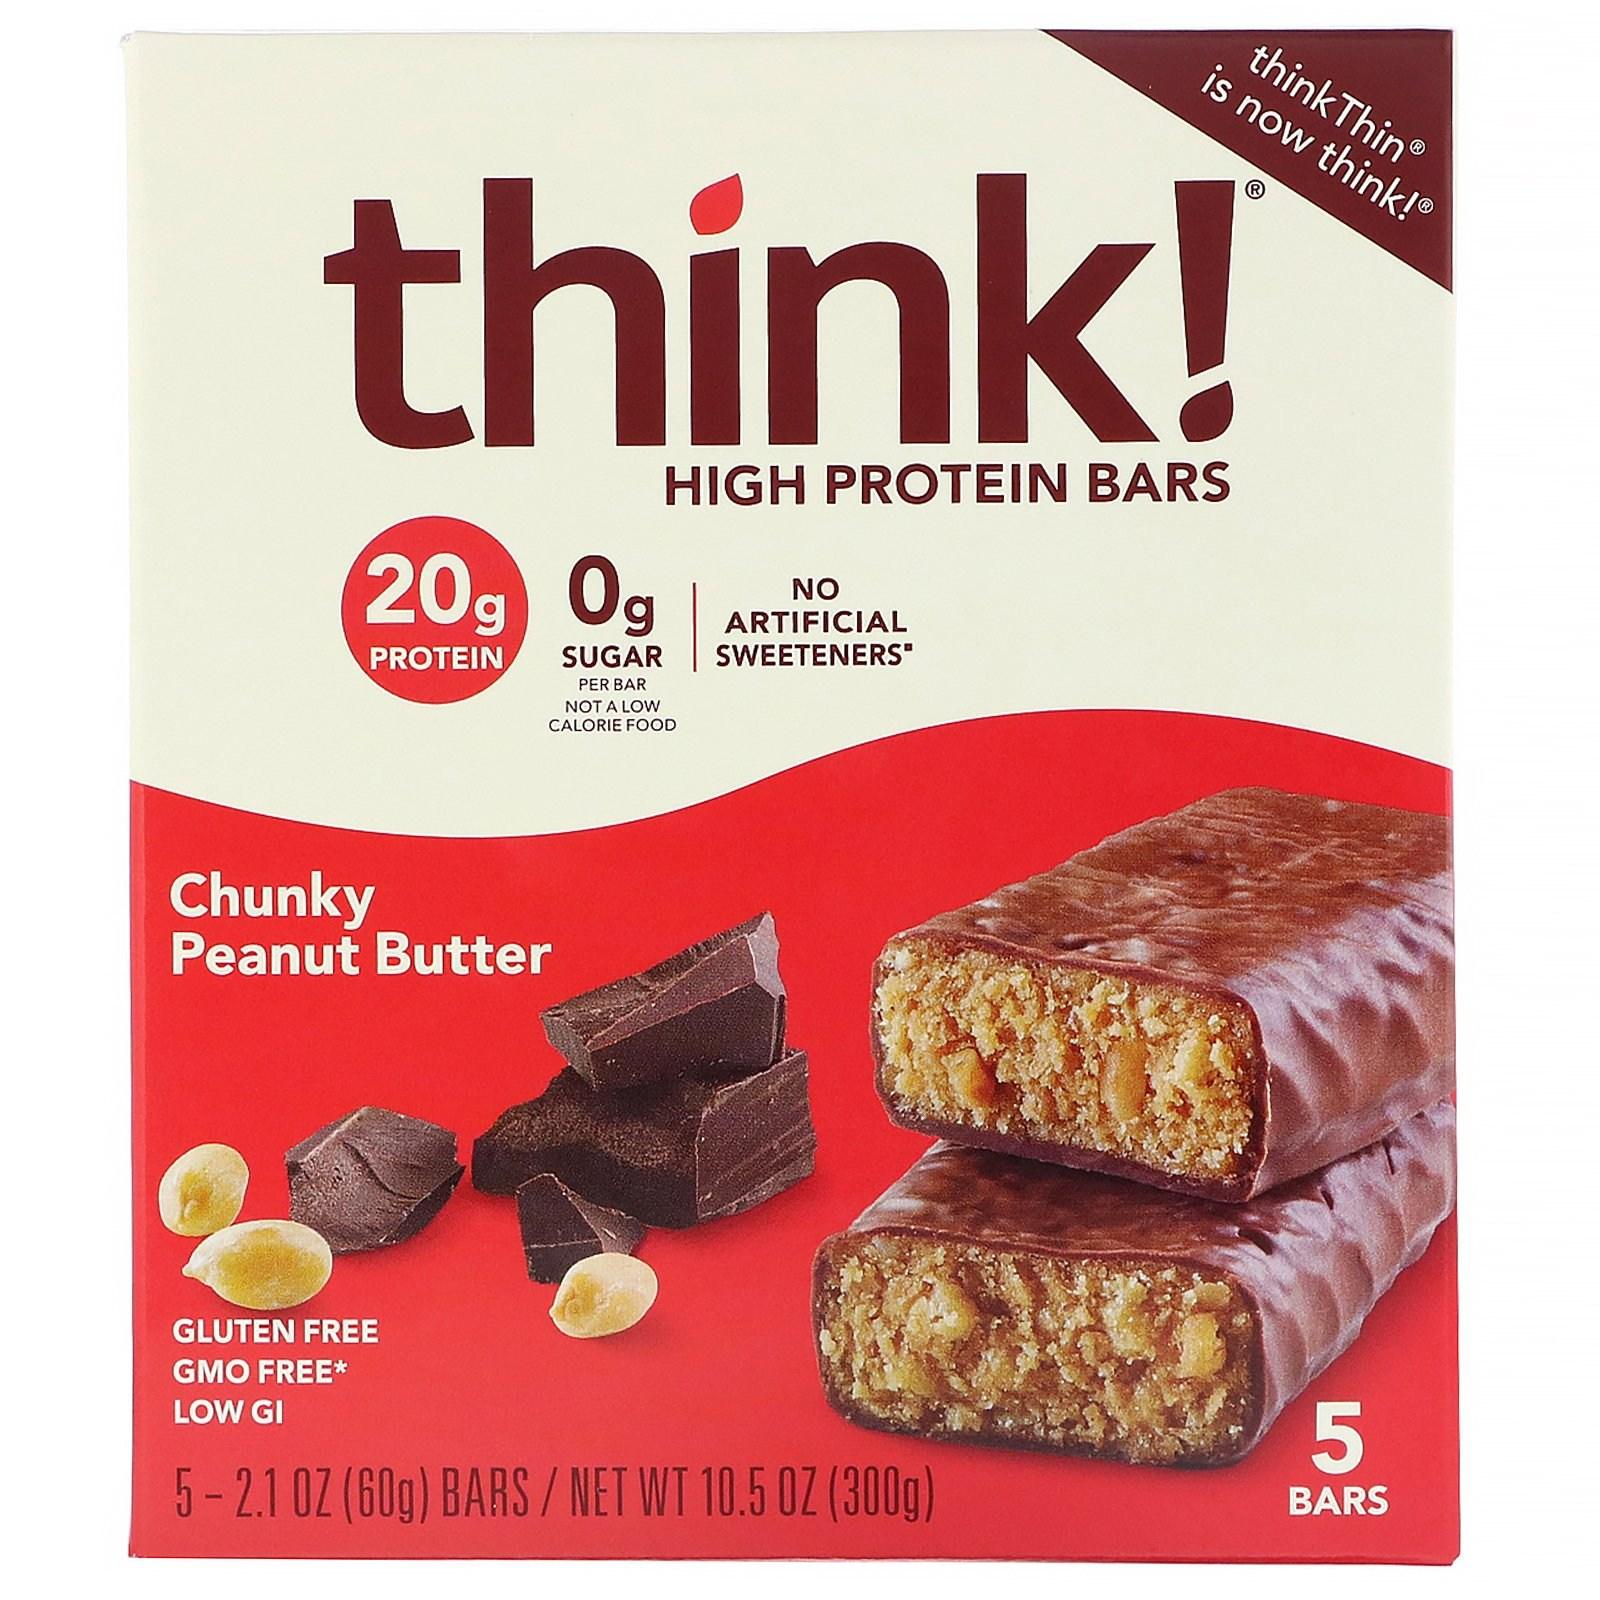 씽크씬 고단백질 바 청키 땅콩 버터 5개 1 각 60g 프로틴바, 1개, -